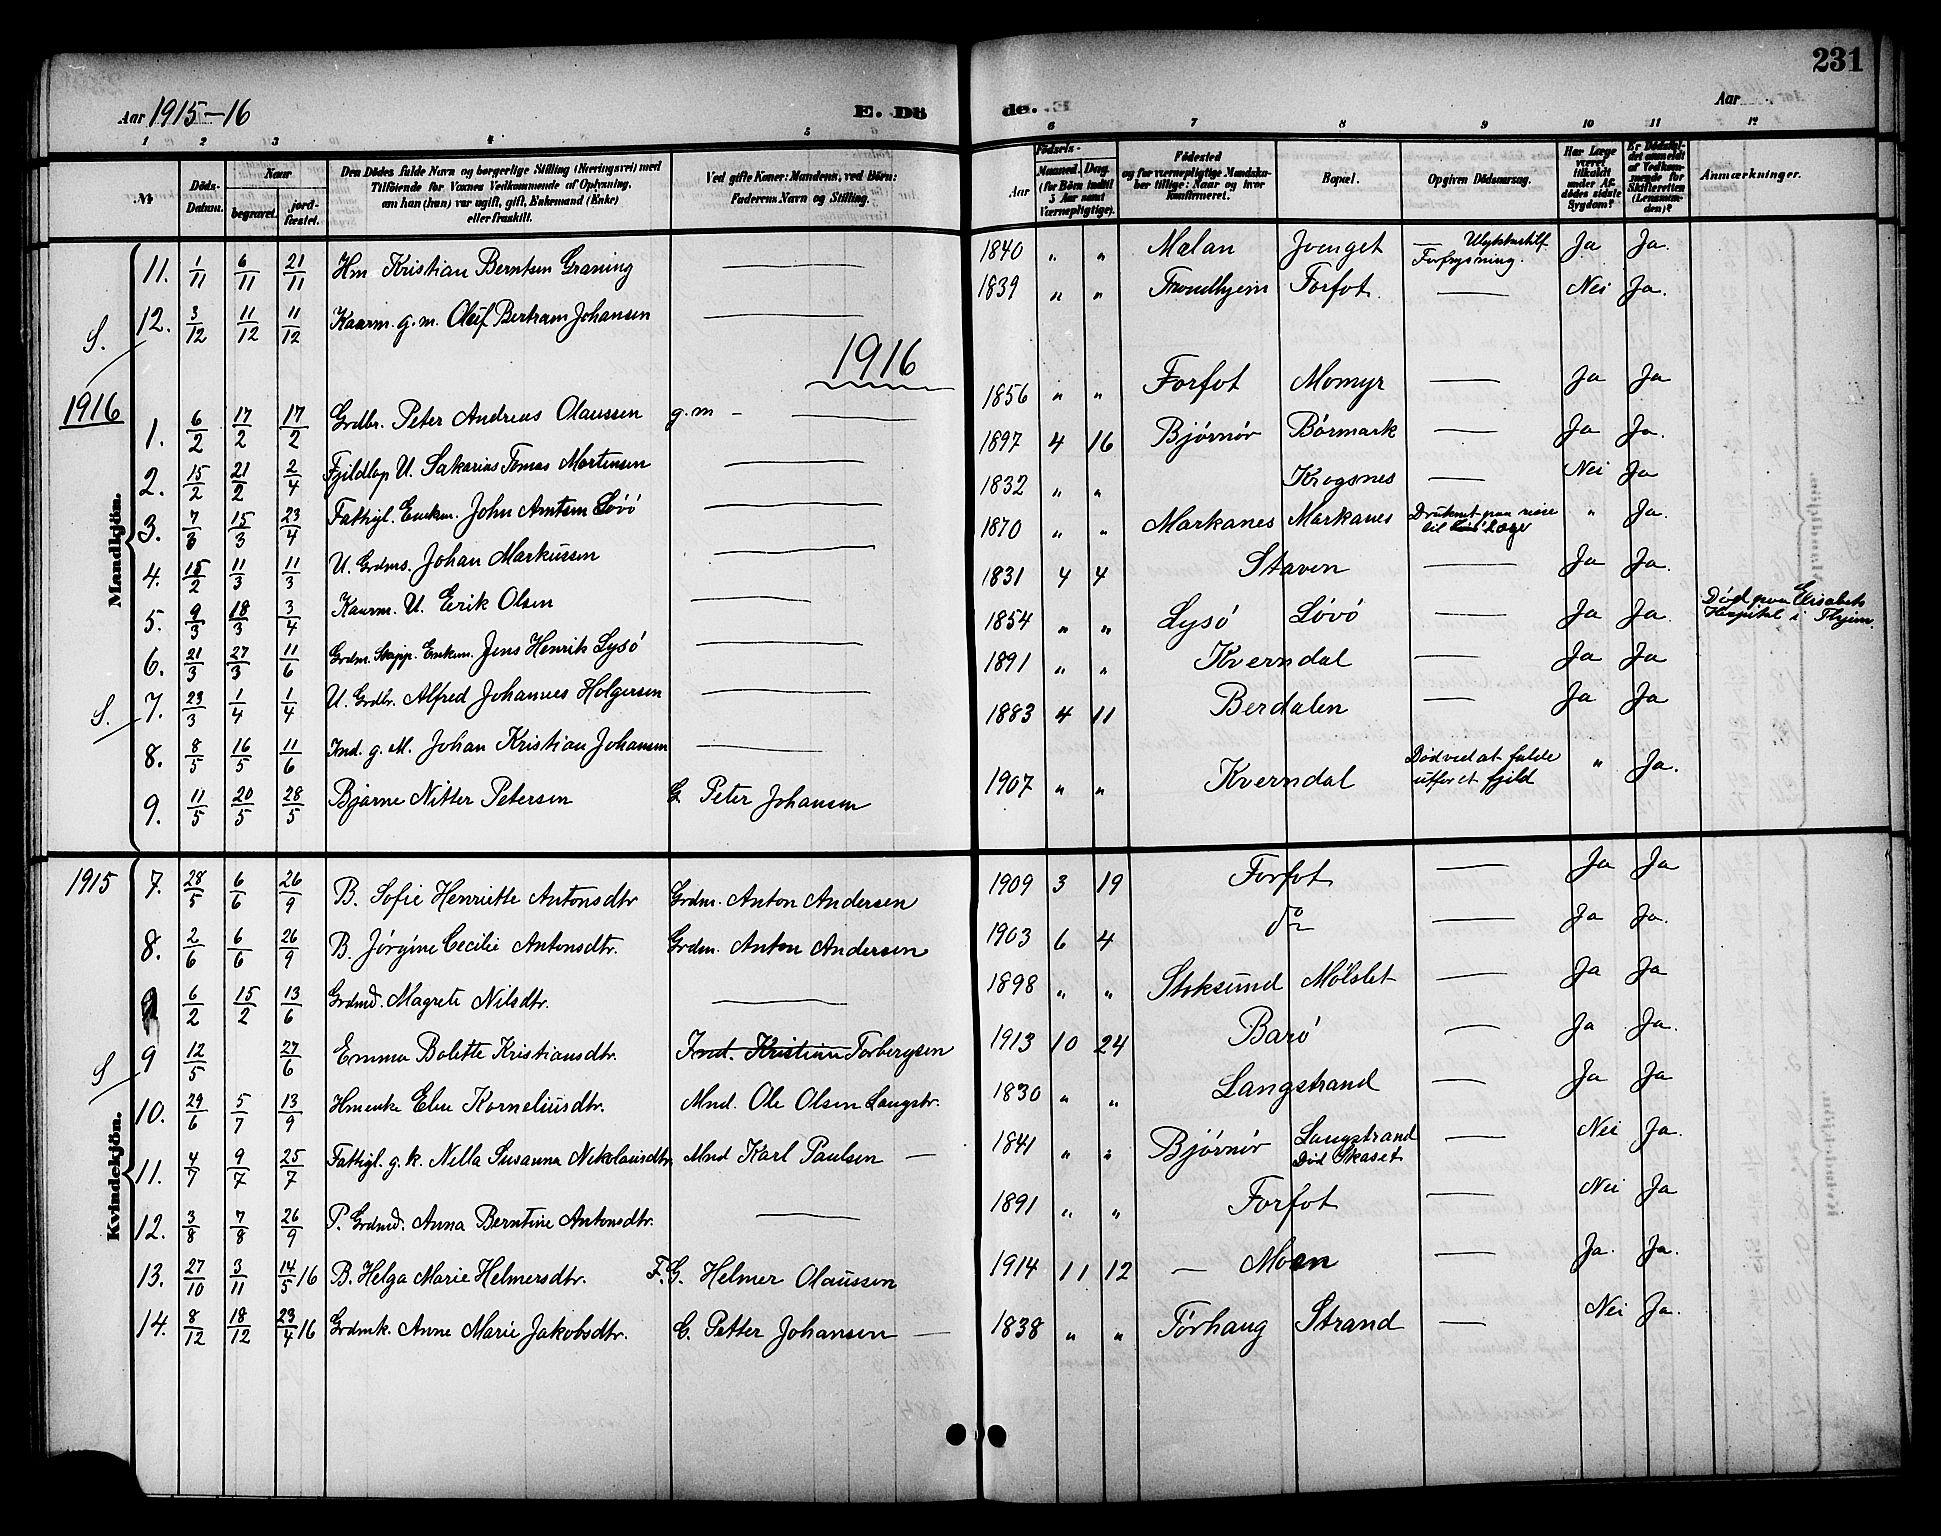 SAT, Ministerialprotokoller, klokkerbøker og fødselsregistre - Sør-Trøndelag, 655/L0688: Klokkerbok nr. 655C04, 1899-1922, s. 231